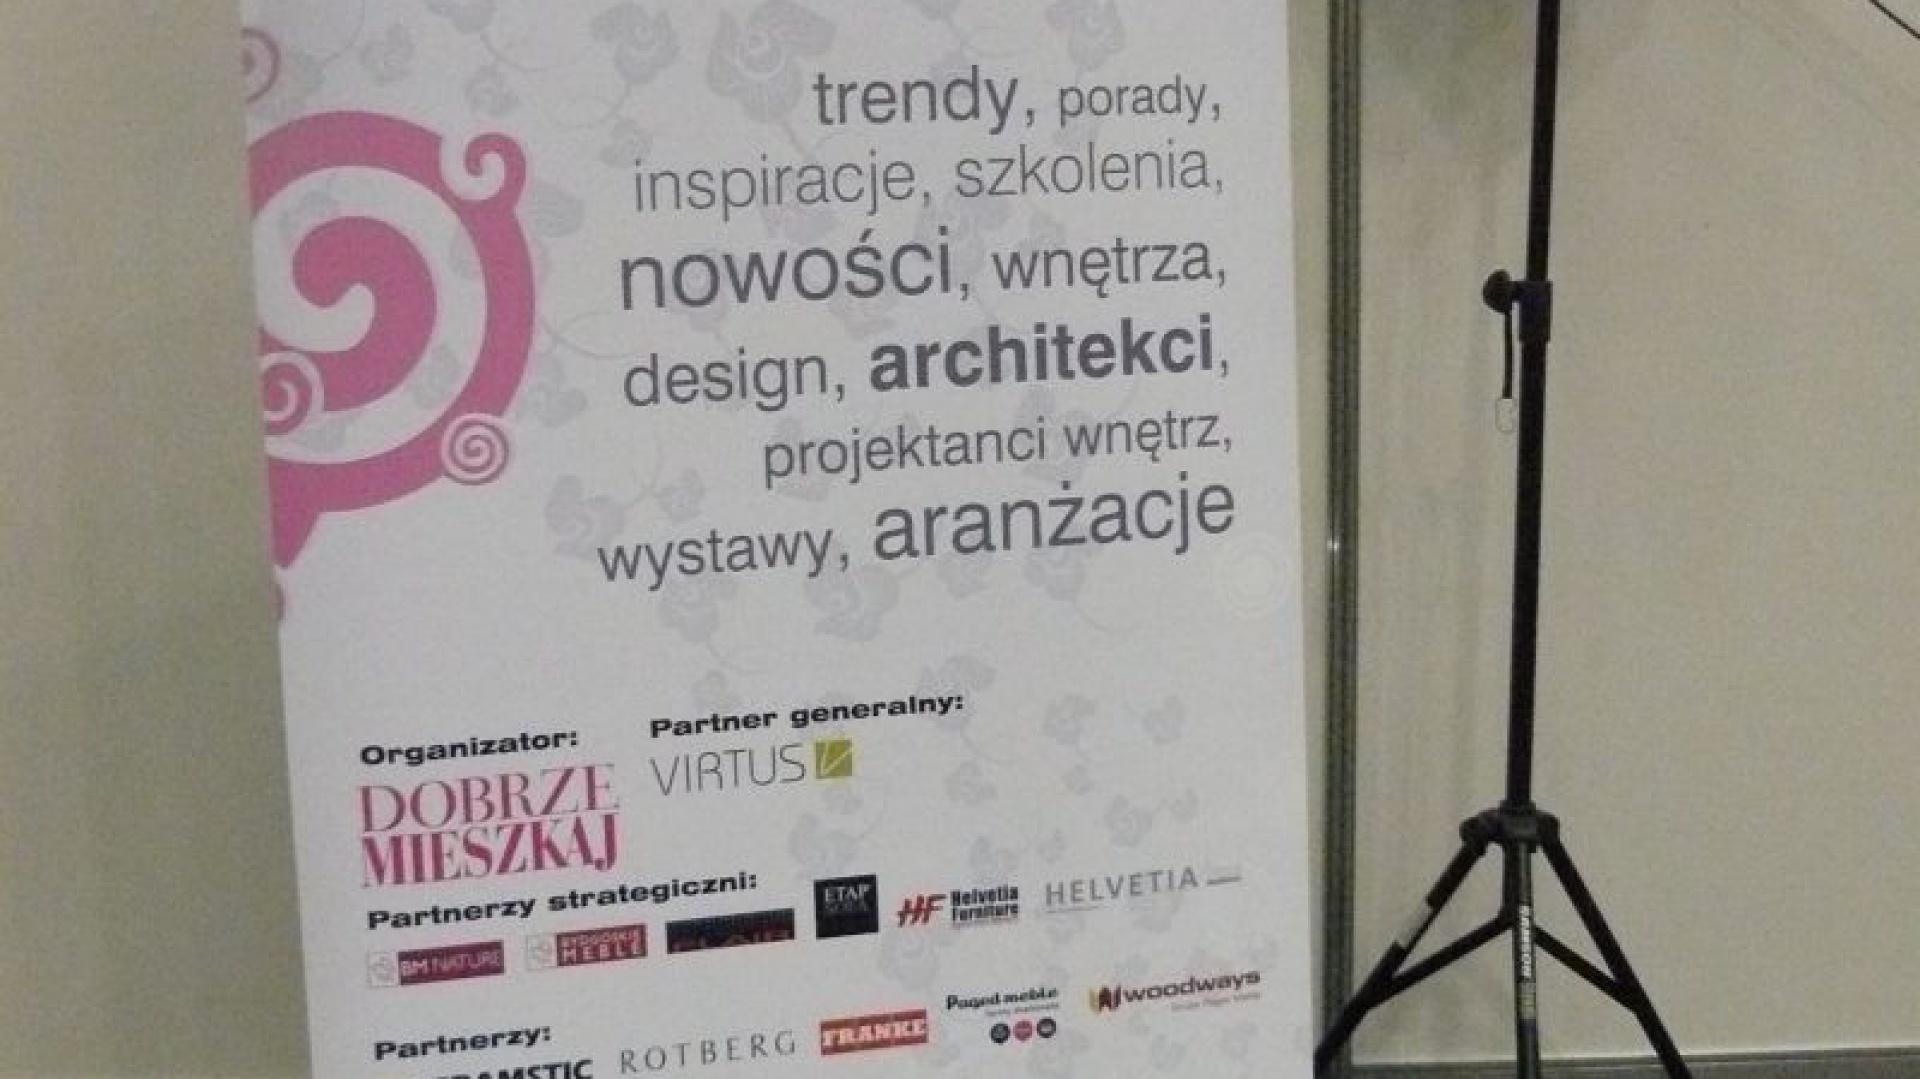 Akademia Dobrze Mieszkaj to projekt edukacyjny, którego głównym celem jest pomoc w aranżacji przyjaznej i inspirującej przestrzeni życiowej. Podpowiadamy, jak stworzyć wnętrze modne i funkcjonalne. Przekonujemy , że można i że warto dobrze mieszkać. Zapraszamy na kolejne edycje Akademii w 2012 roku!